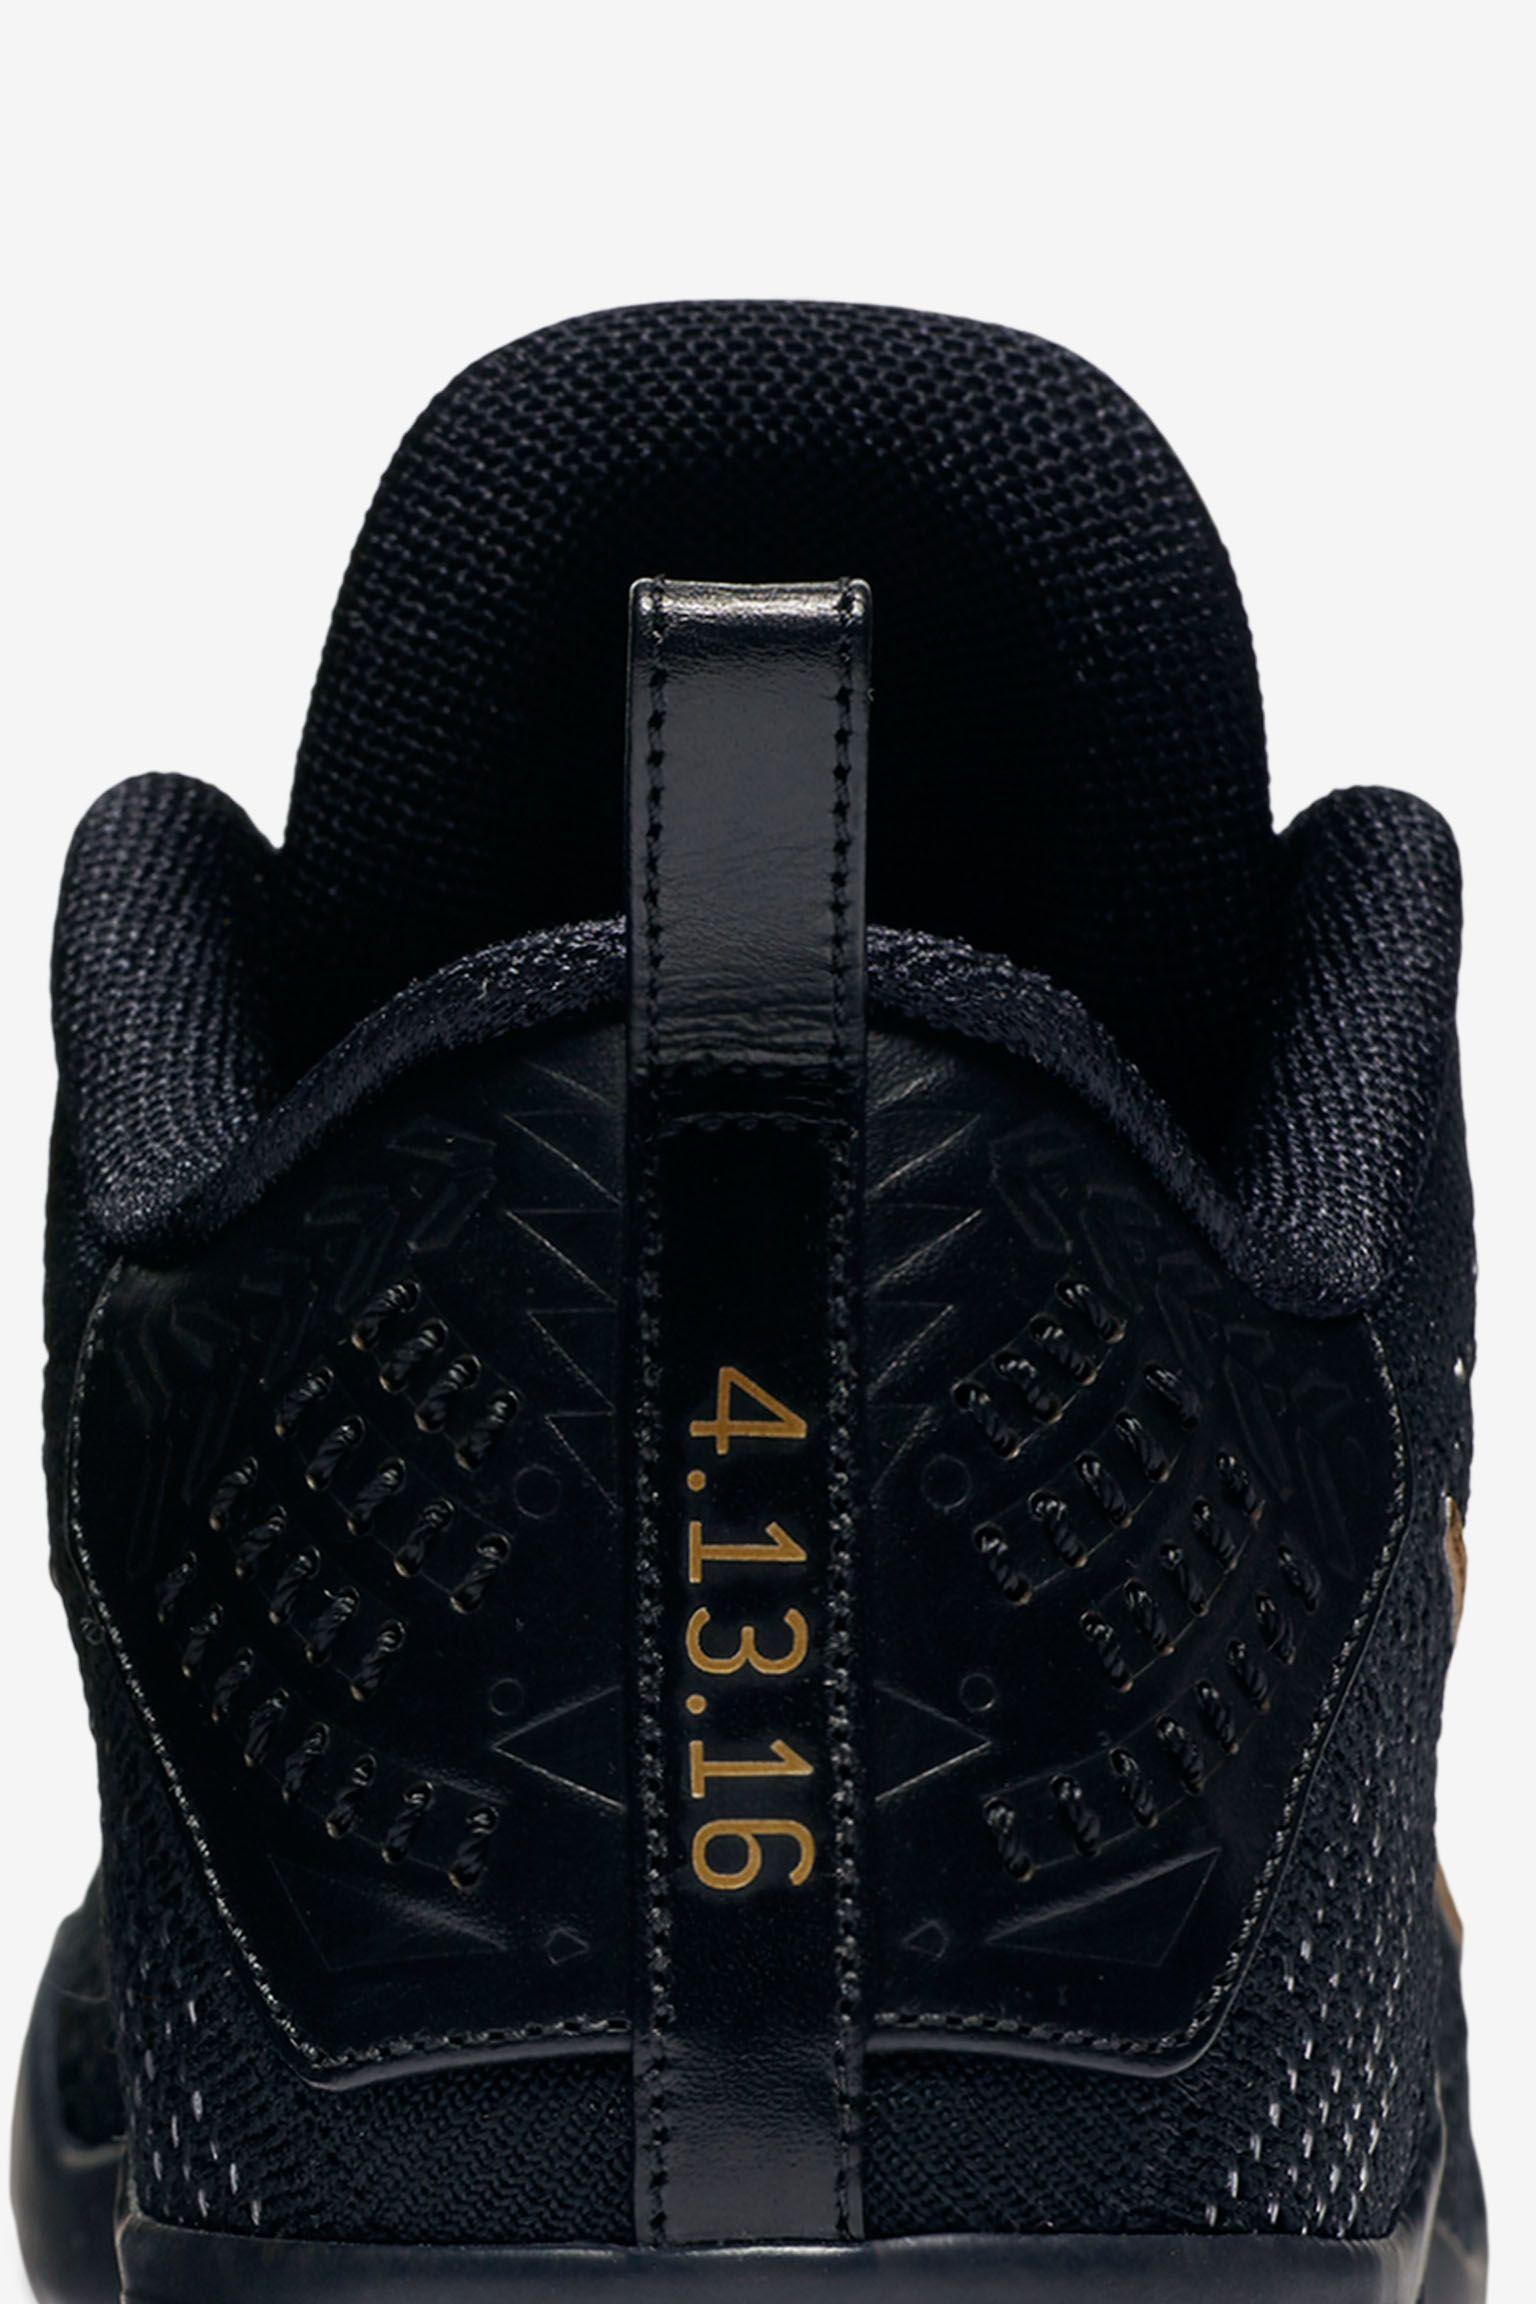 Nike Kobe 11 Elite Low 'FTB' Release Date